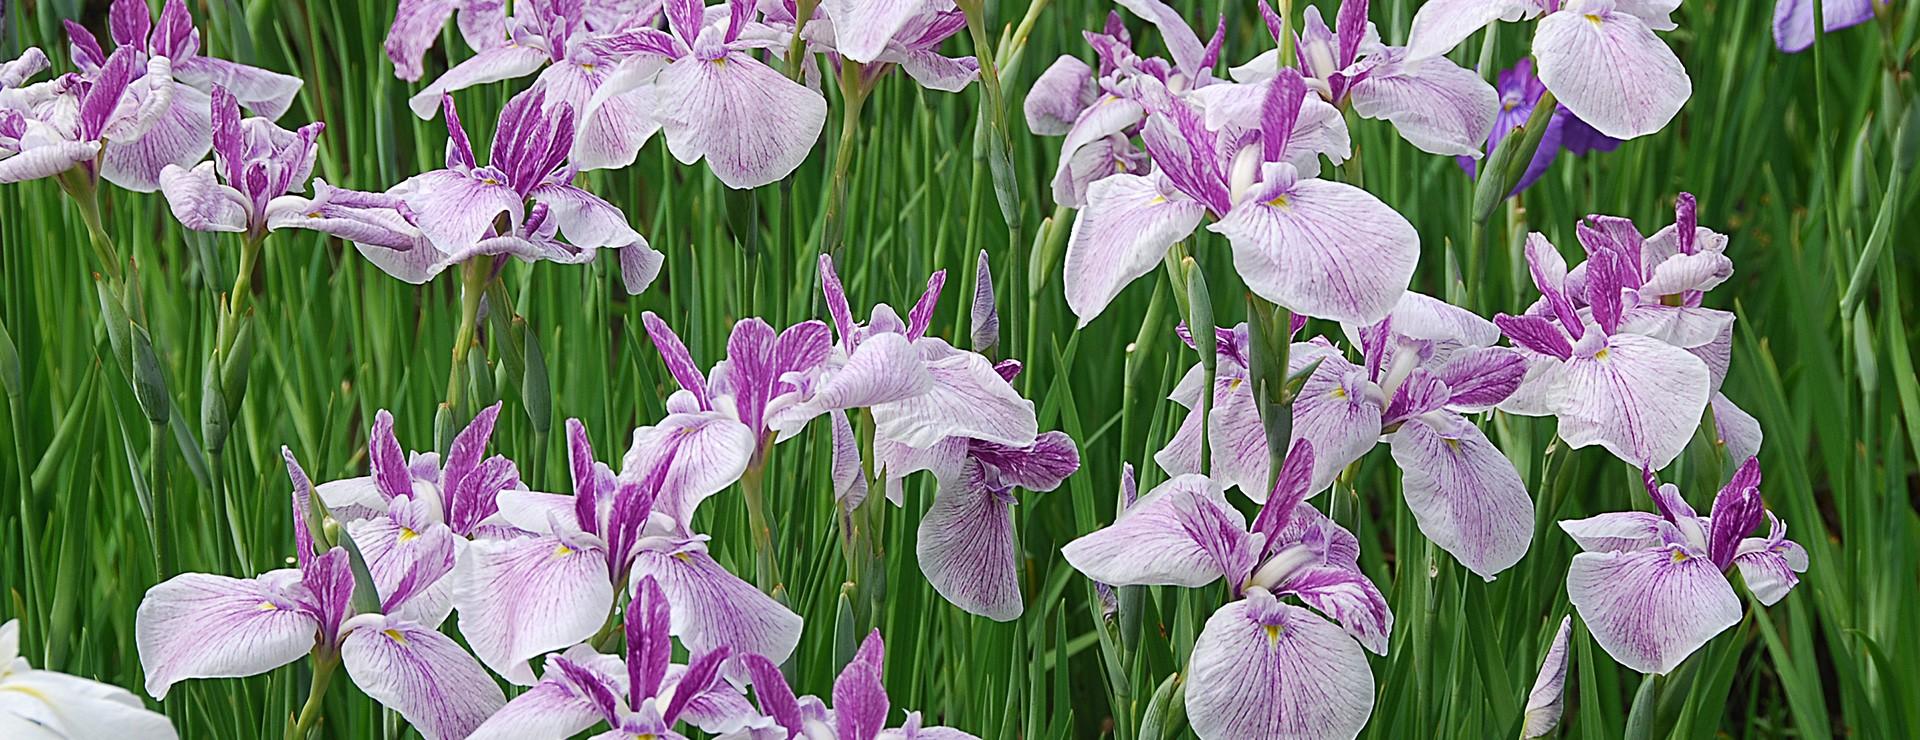 Iris du Japon